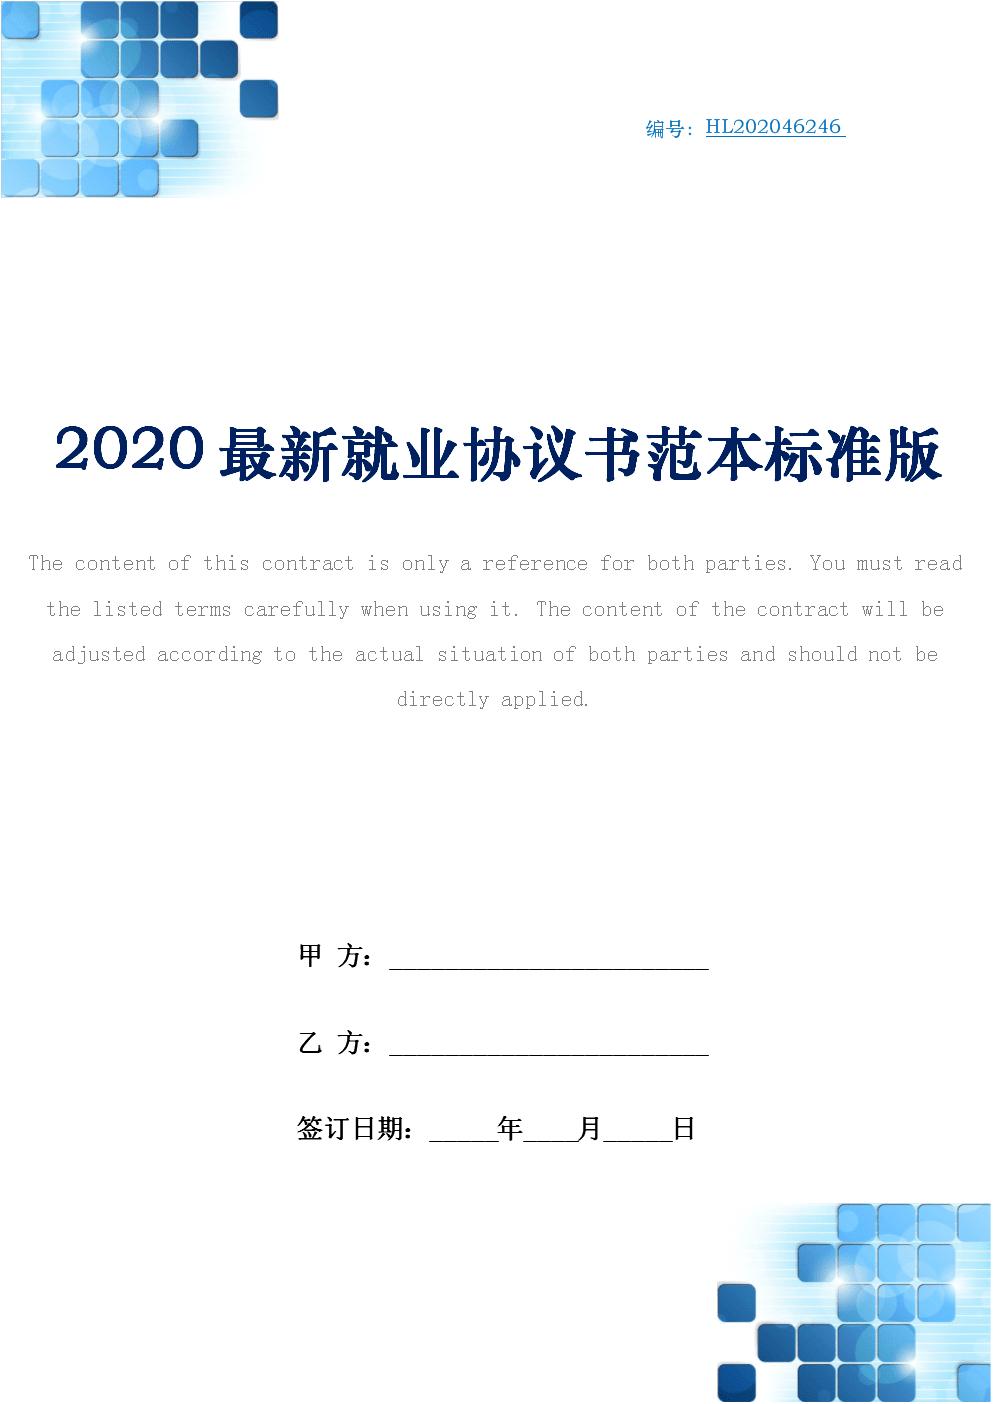 2020最新就业协议书范本标准版.docx